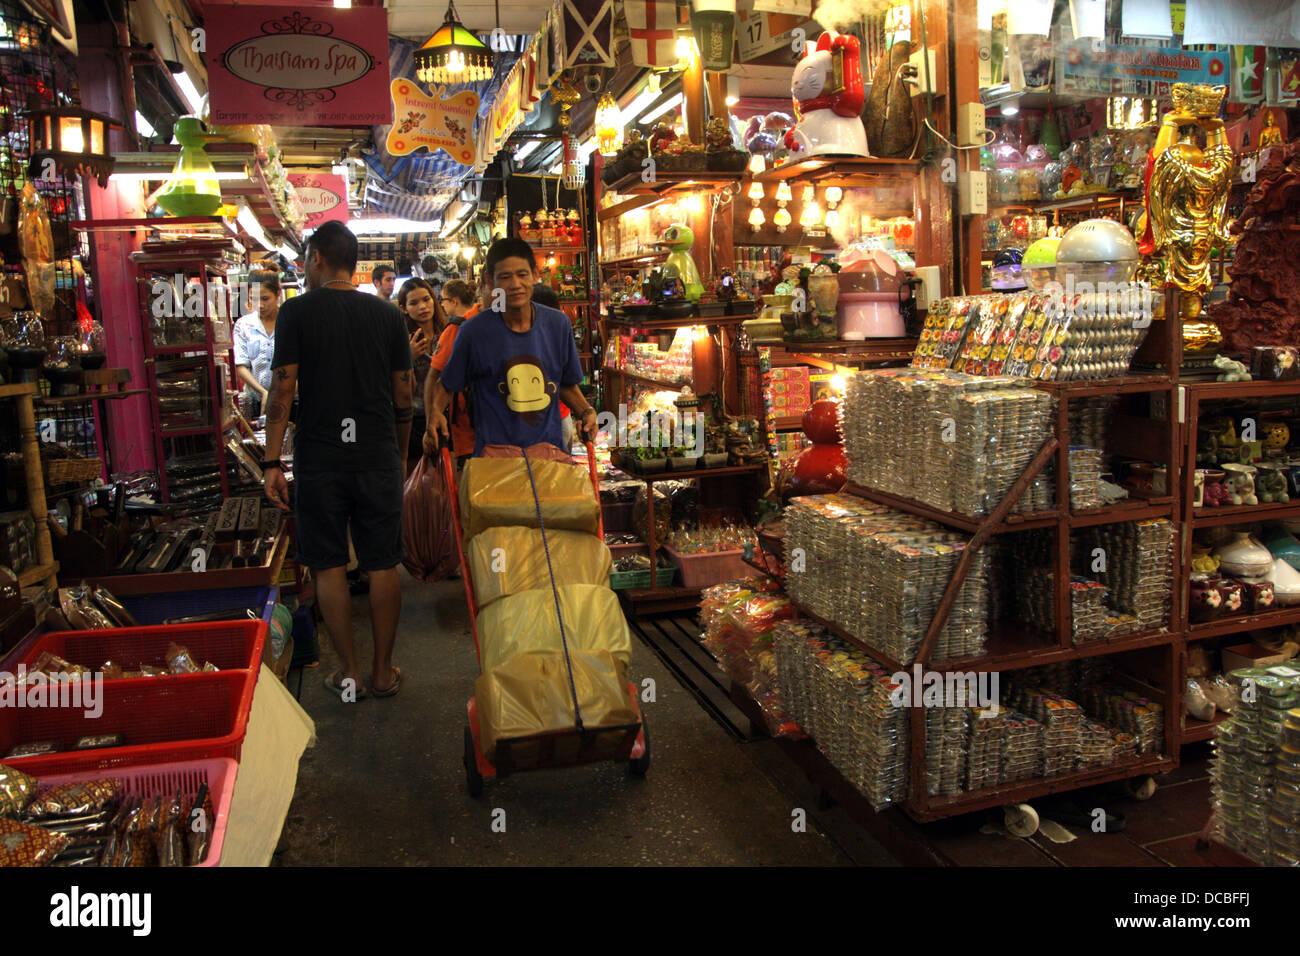 Geschäfte In Home Und Deko Shop Bereich In Chatuchak Weekend Market